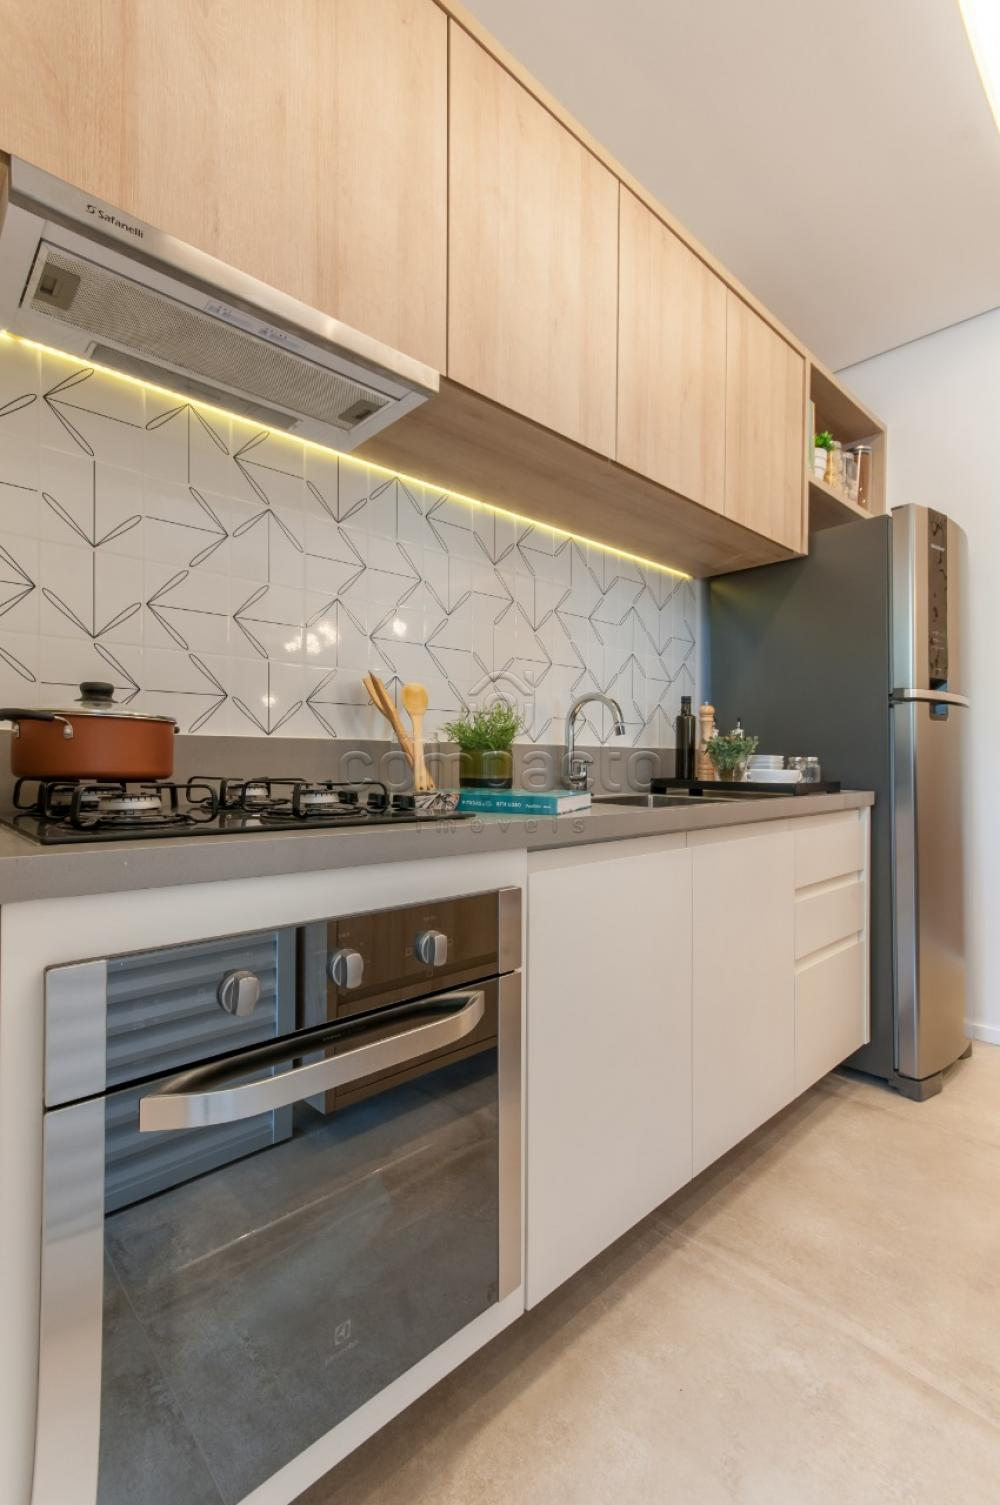 Comprar Apartamento / Padrão em São José do Rio Preto apenas R$ 185.000,00 - Foto 10